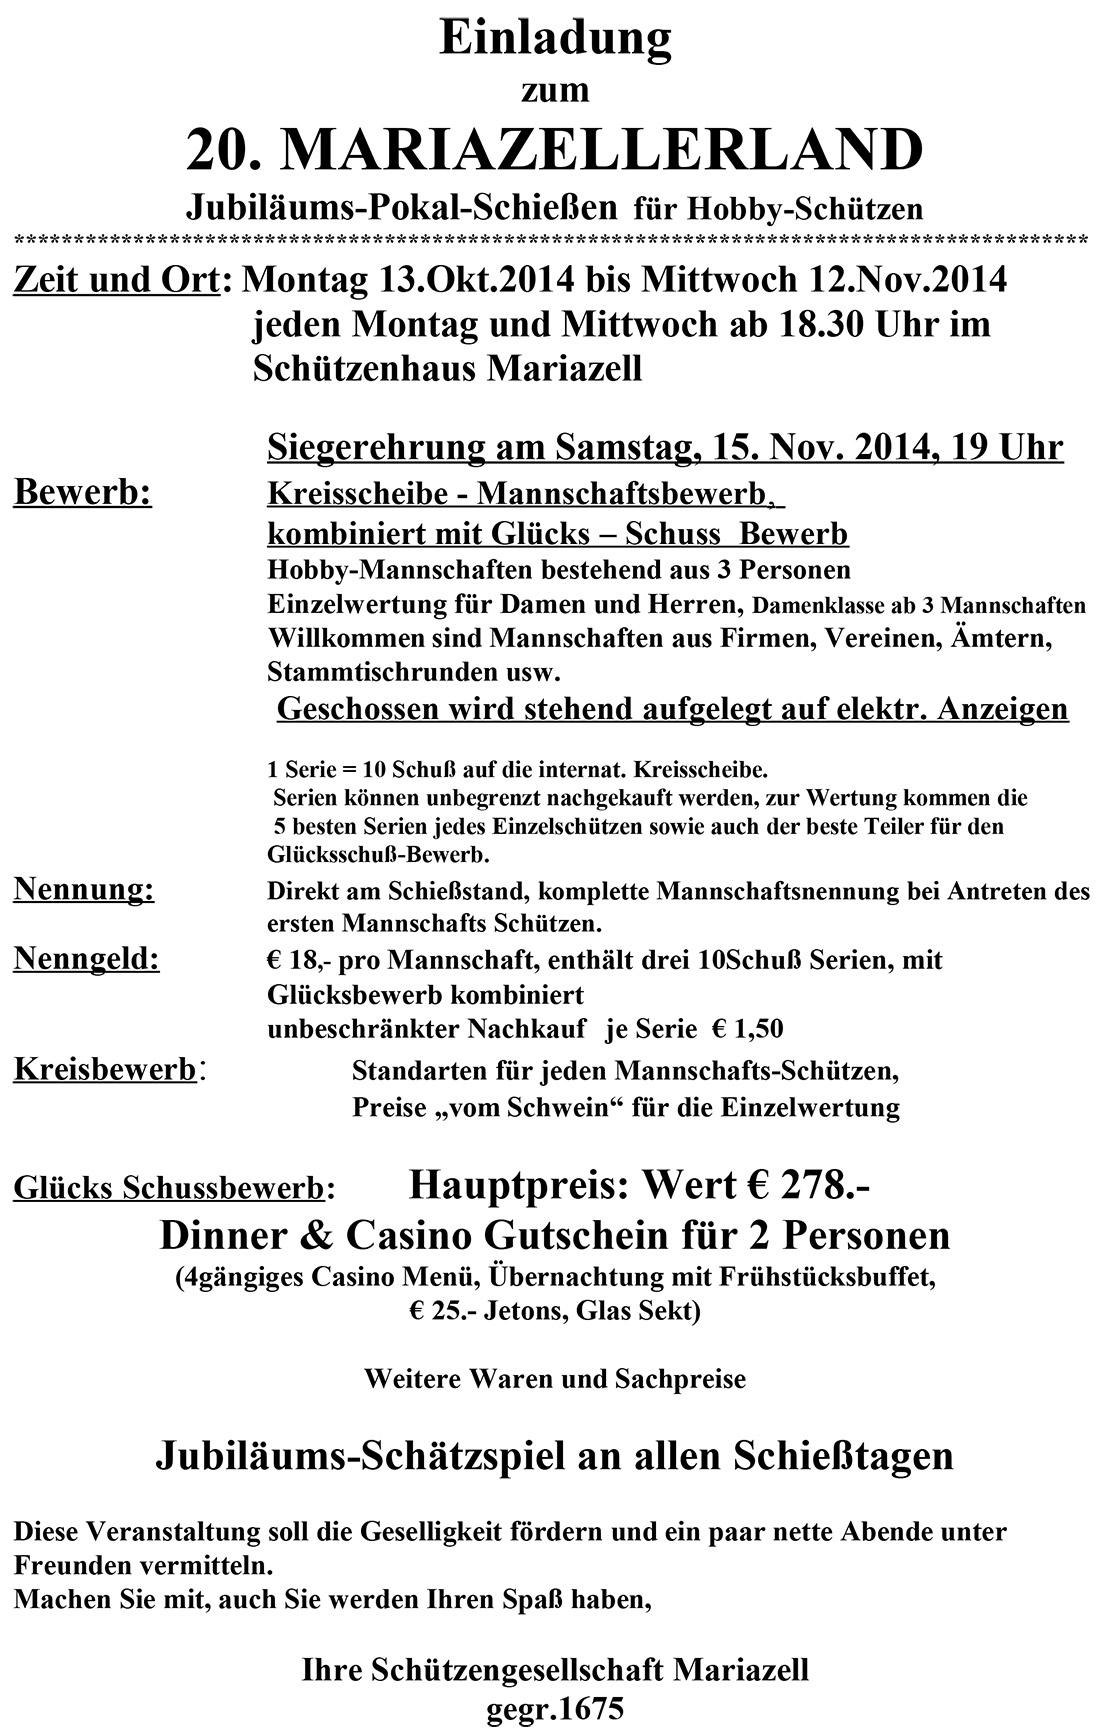 Mariazellerland-Pokalschiessen-Einladung-2014